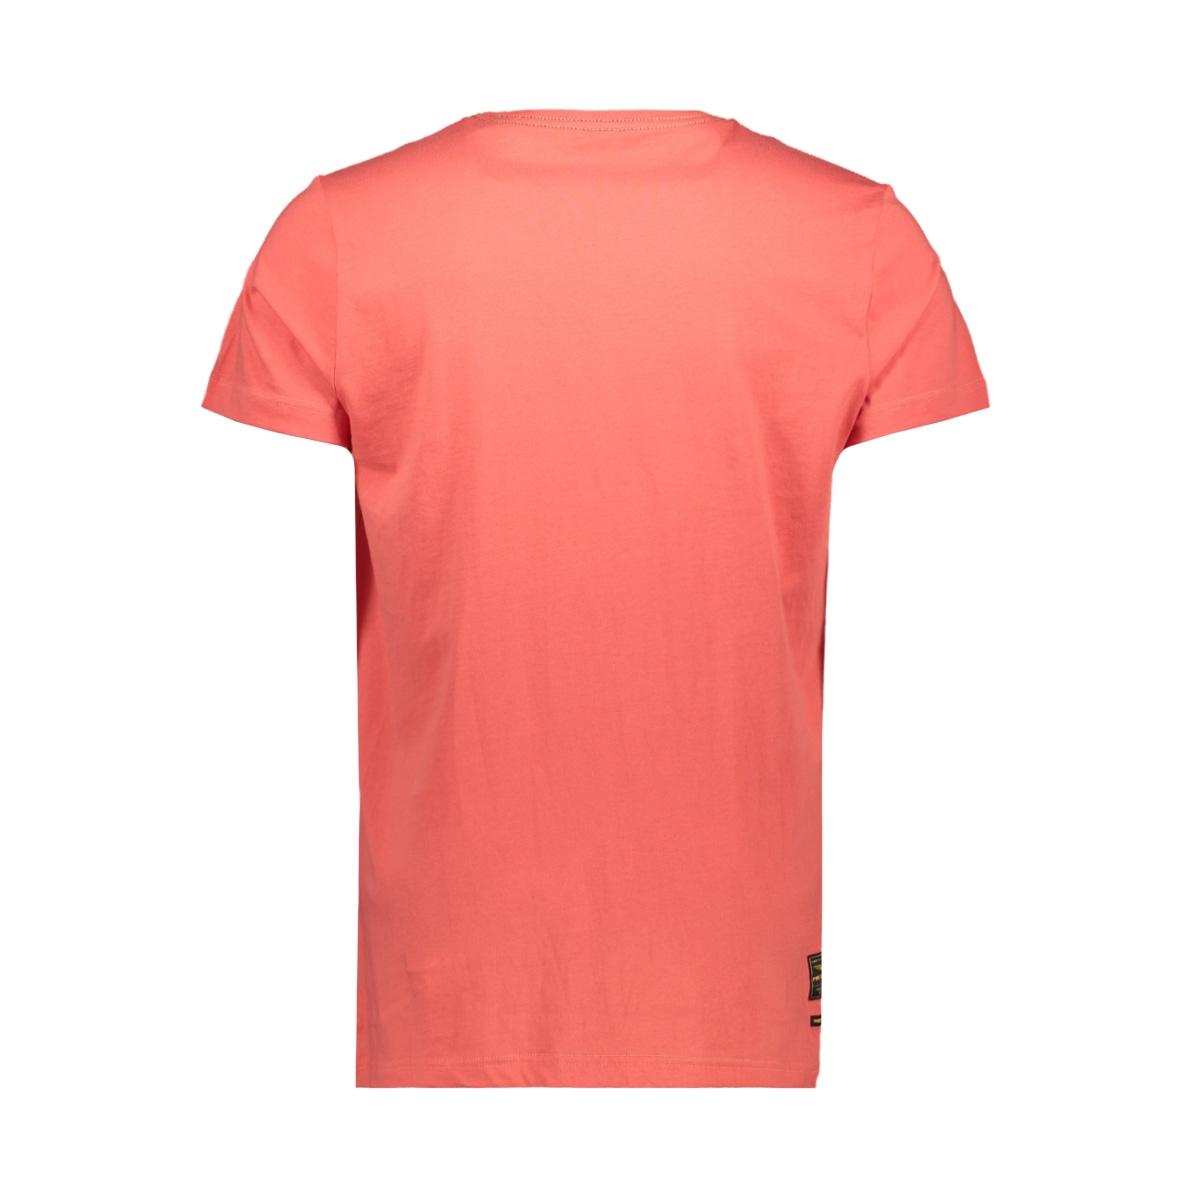 single jersey artwork t shirt ptss202565 pme legend t-shirt 3068